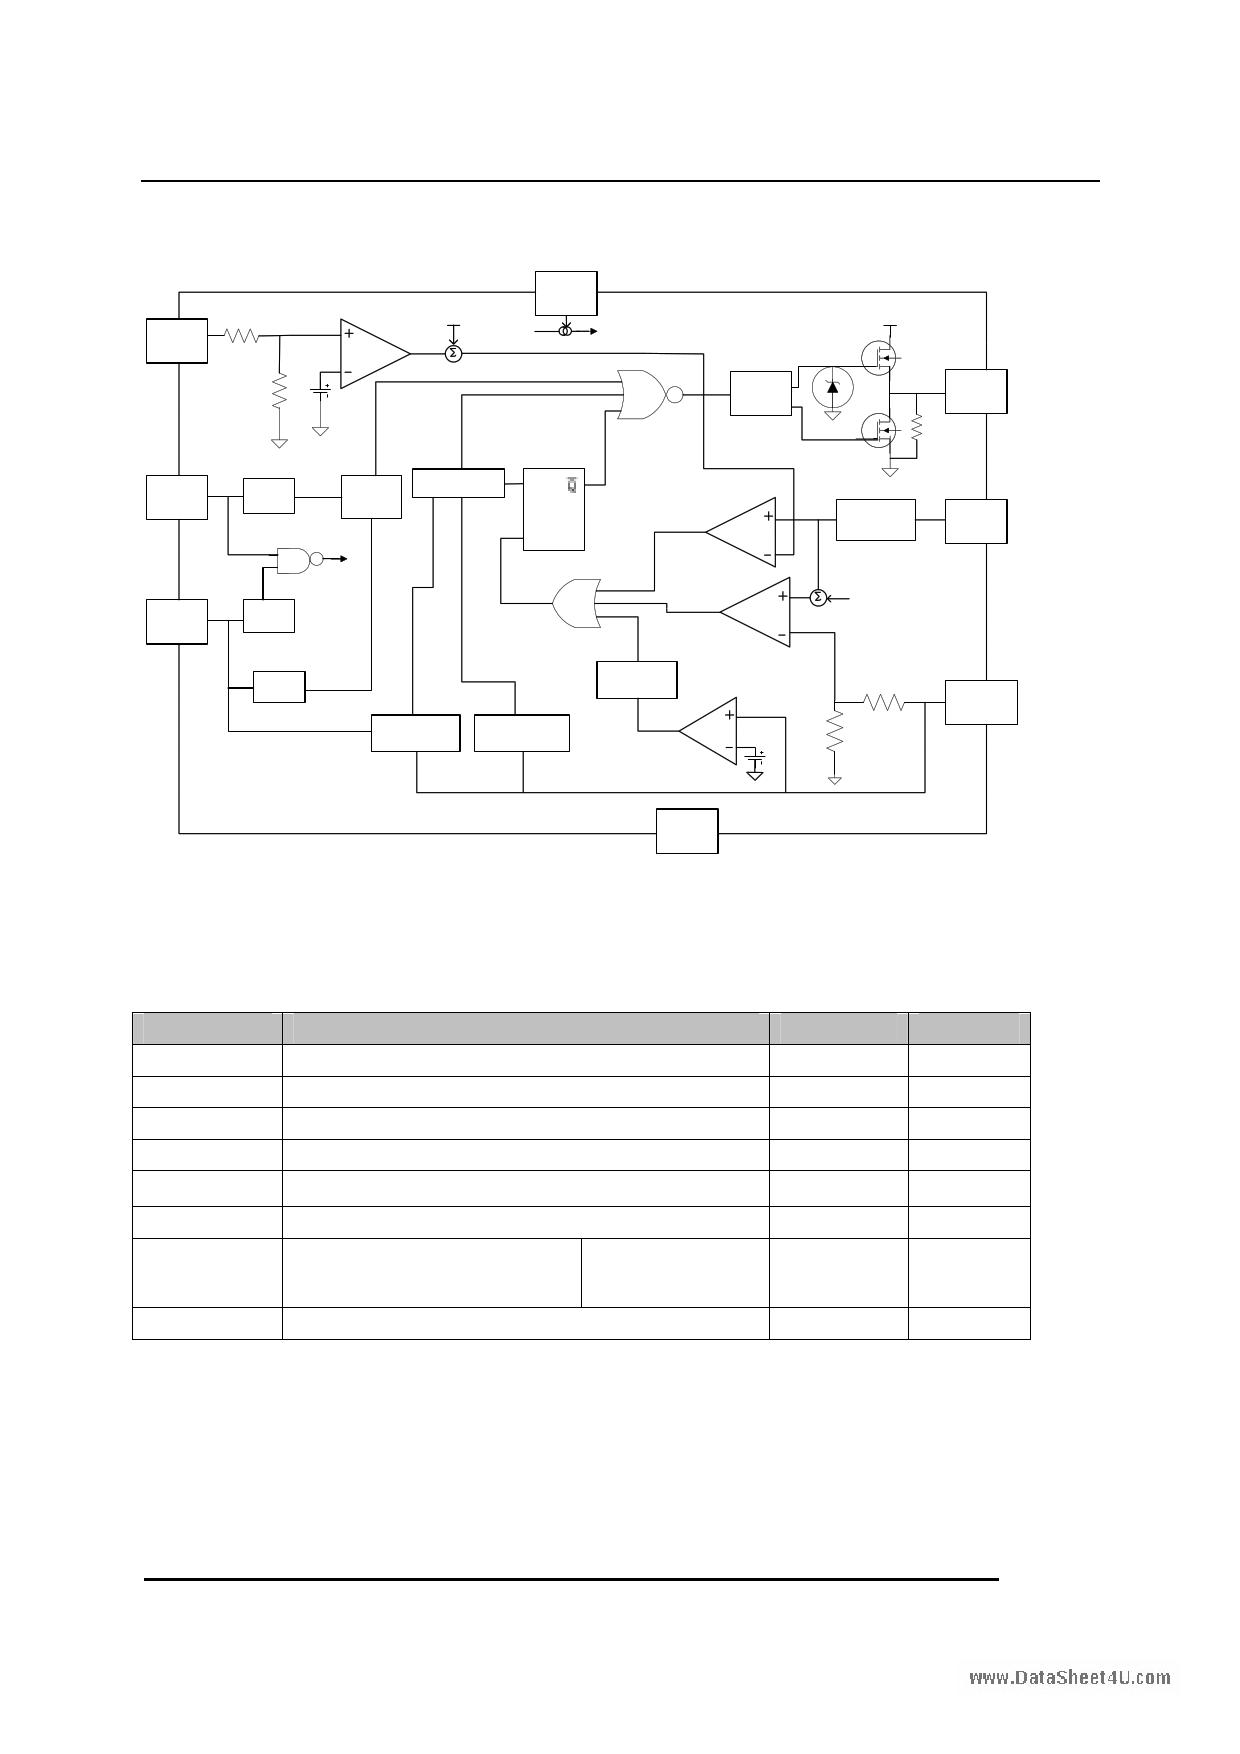 CR6842 pdf, ピン配列